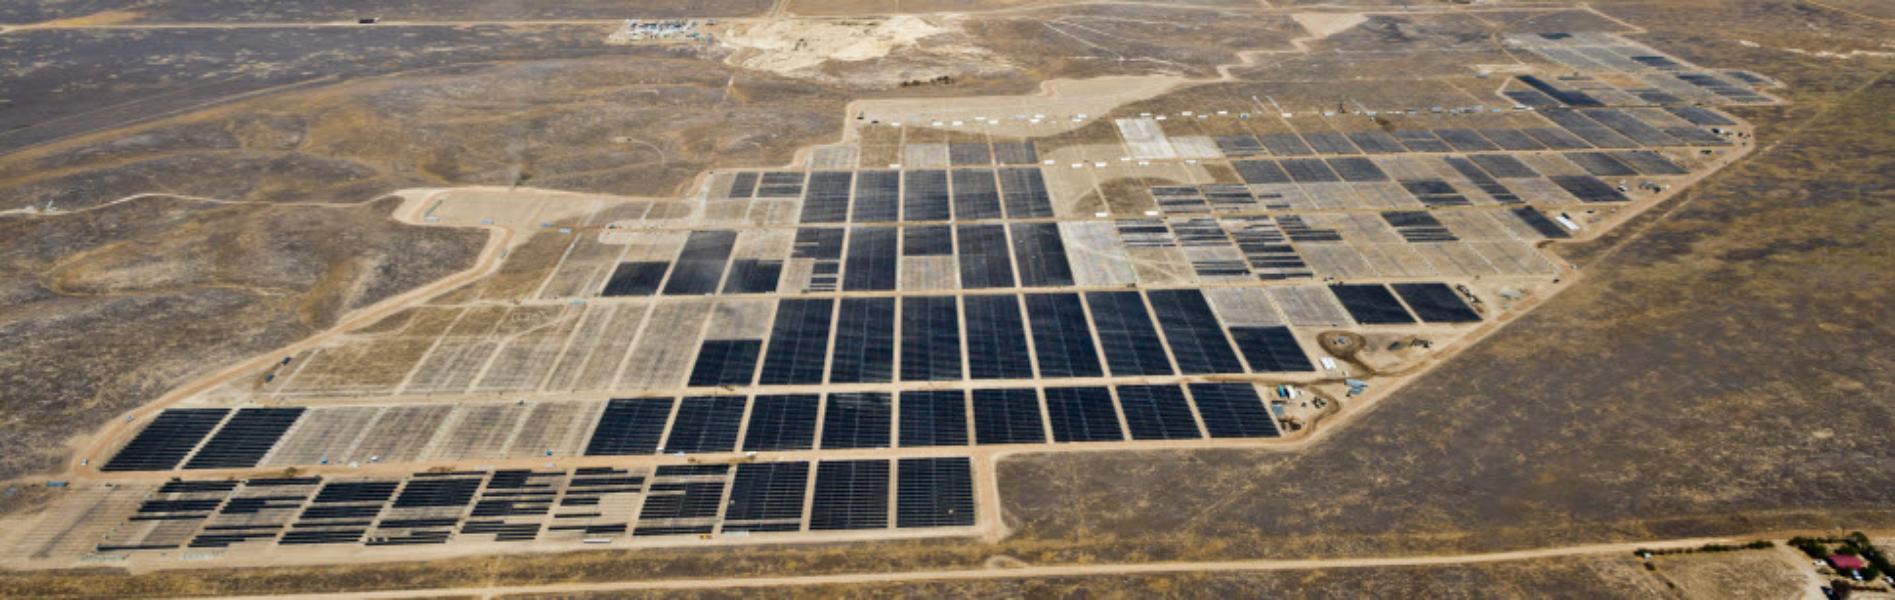 солнечные электростанции мира California Valley Solar Ranch